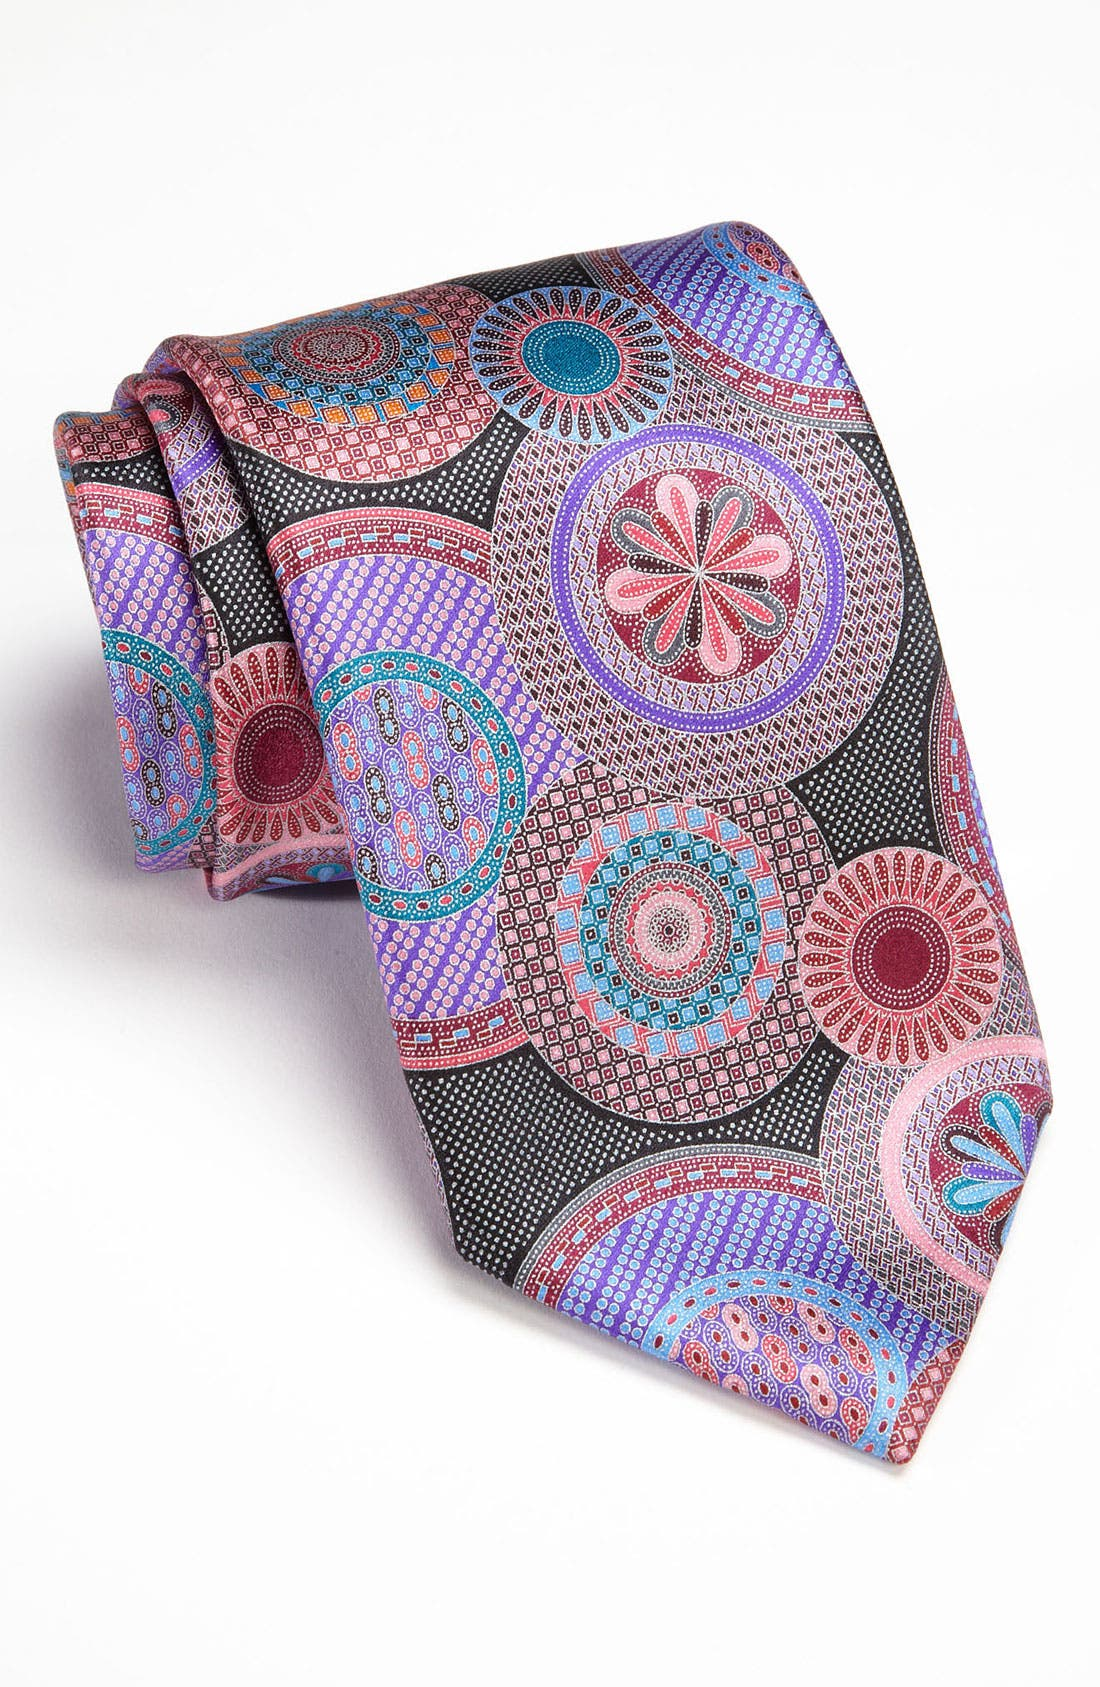 Main Image - Ermenegildo Zegna 'Quindici' Print Silk Tie